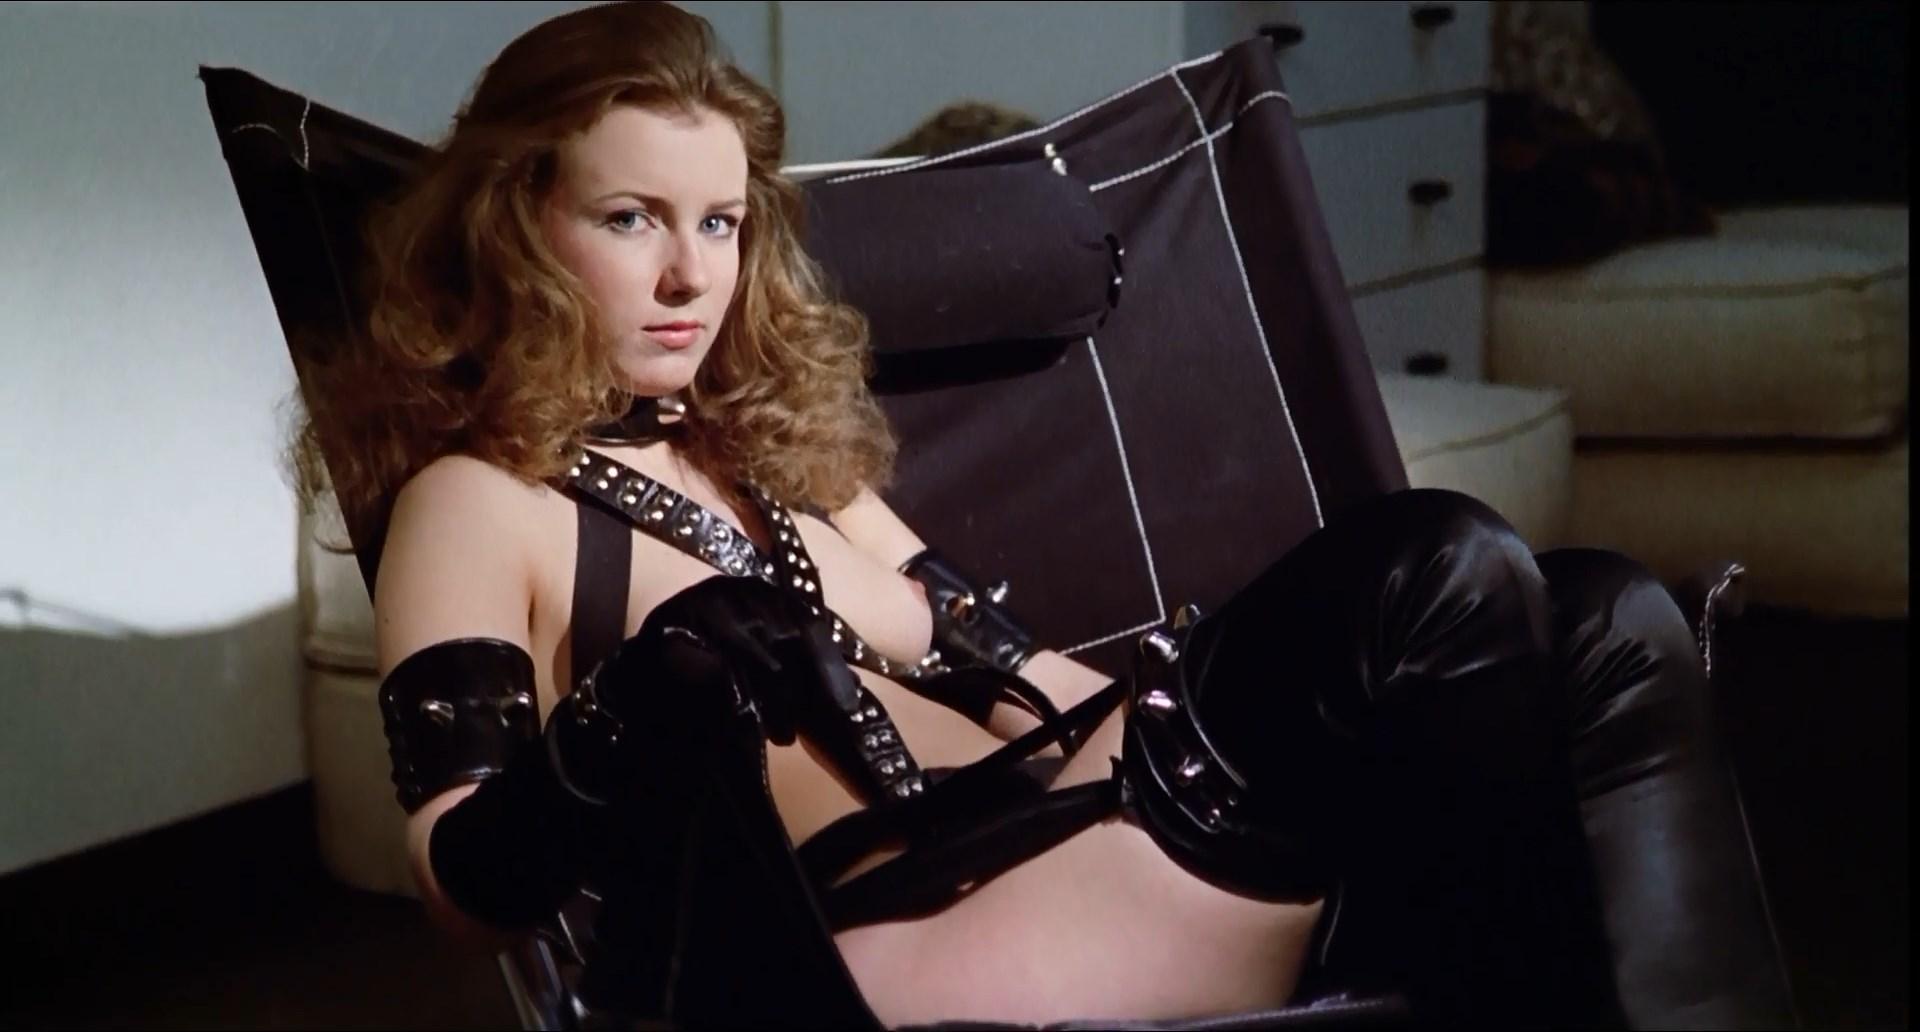 Angela Covello Nude watch online - carroll baker, ely galleani, isabelle de